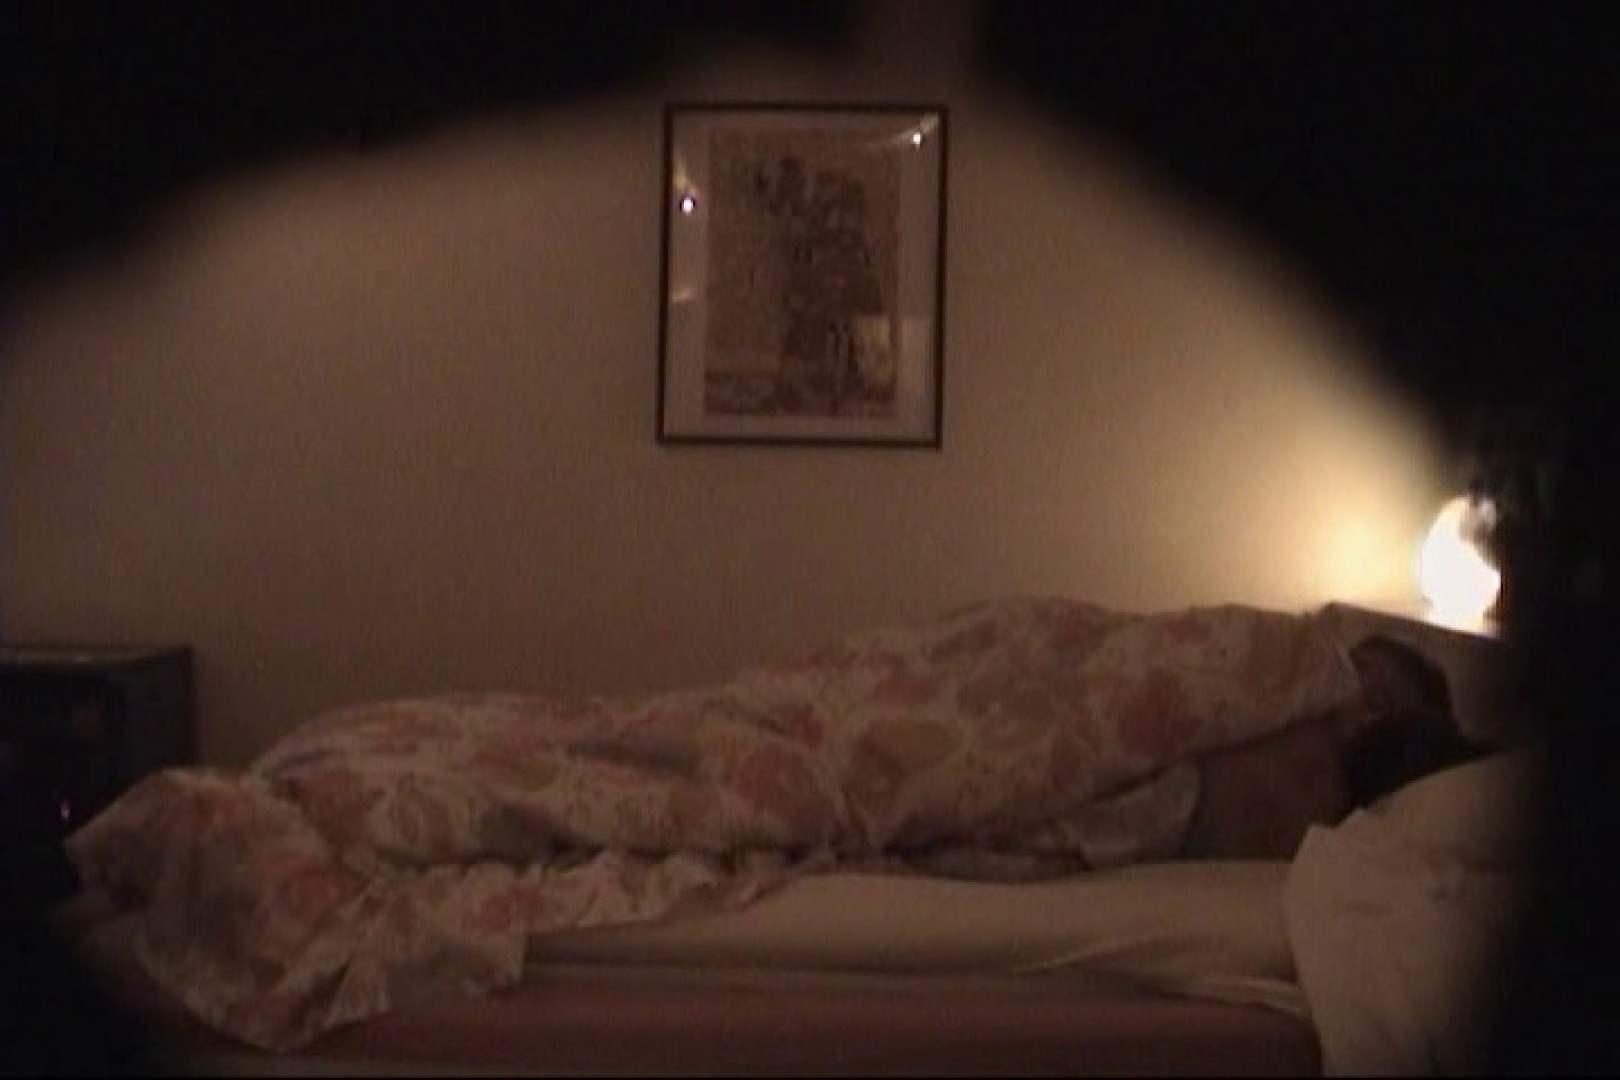 デリ嬢マル秘撮り本物投稿版④ ホテル潜入   おっぱい  51pic 11